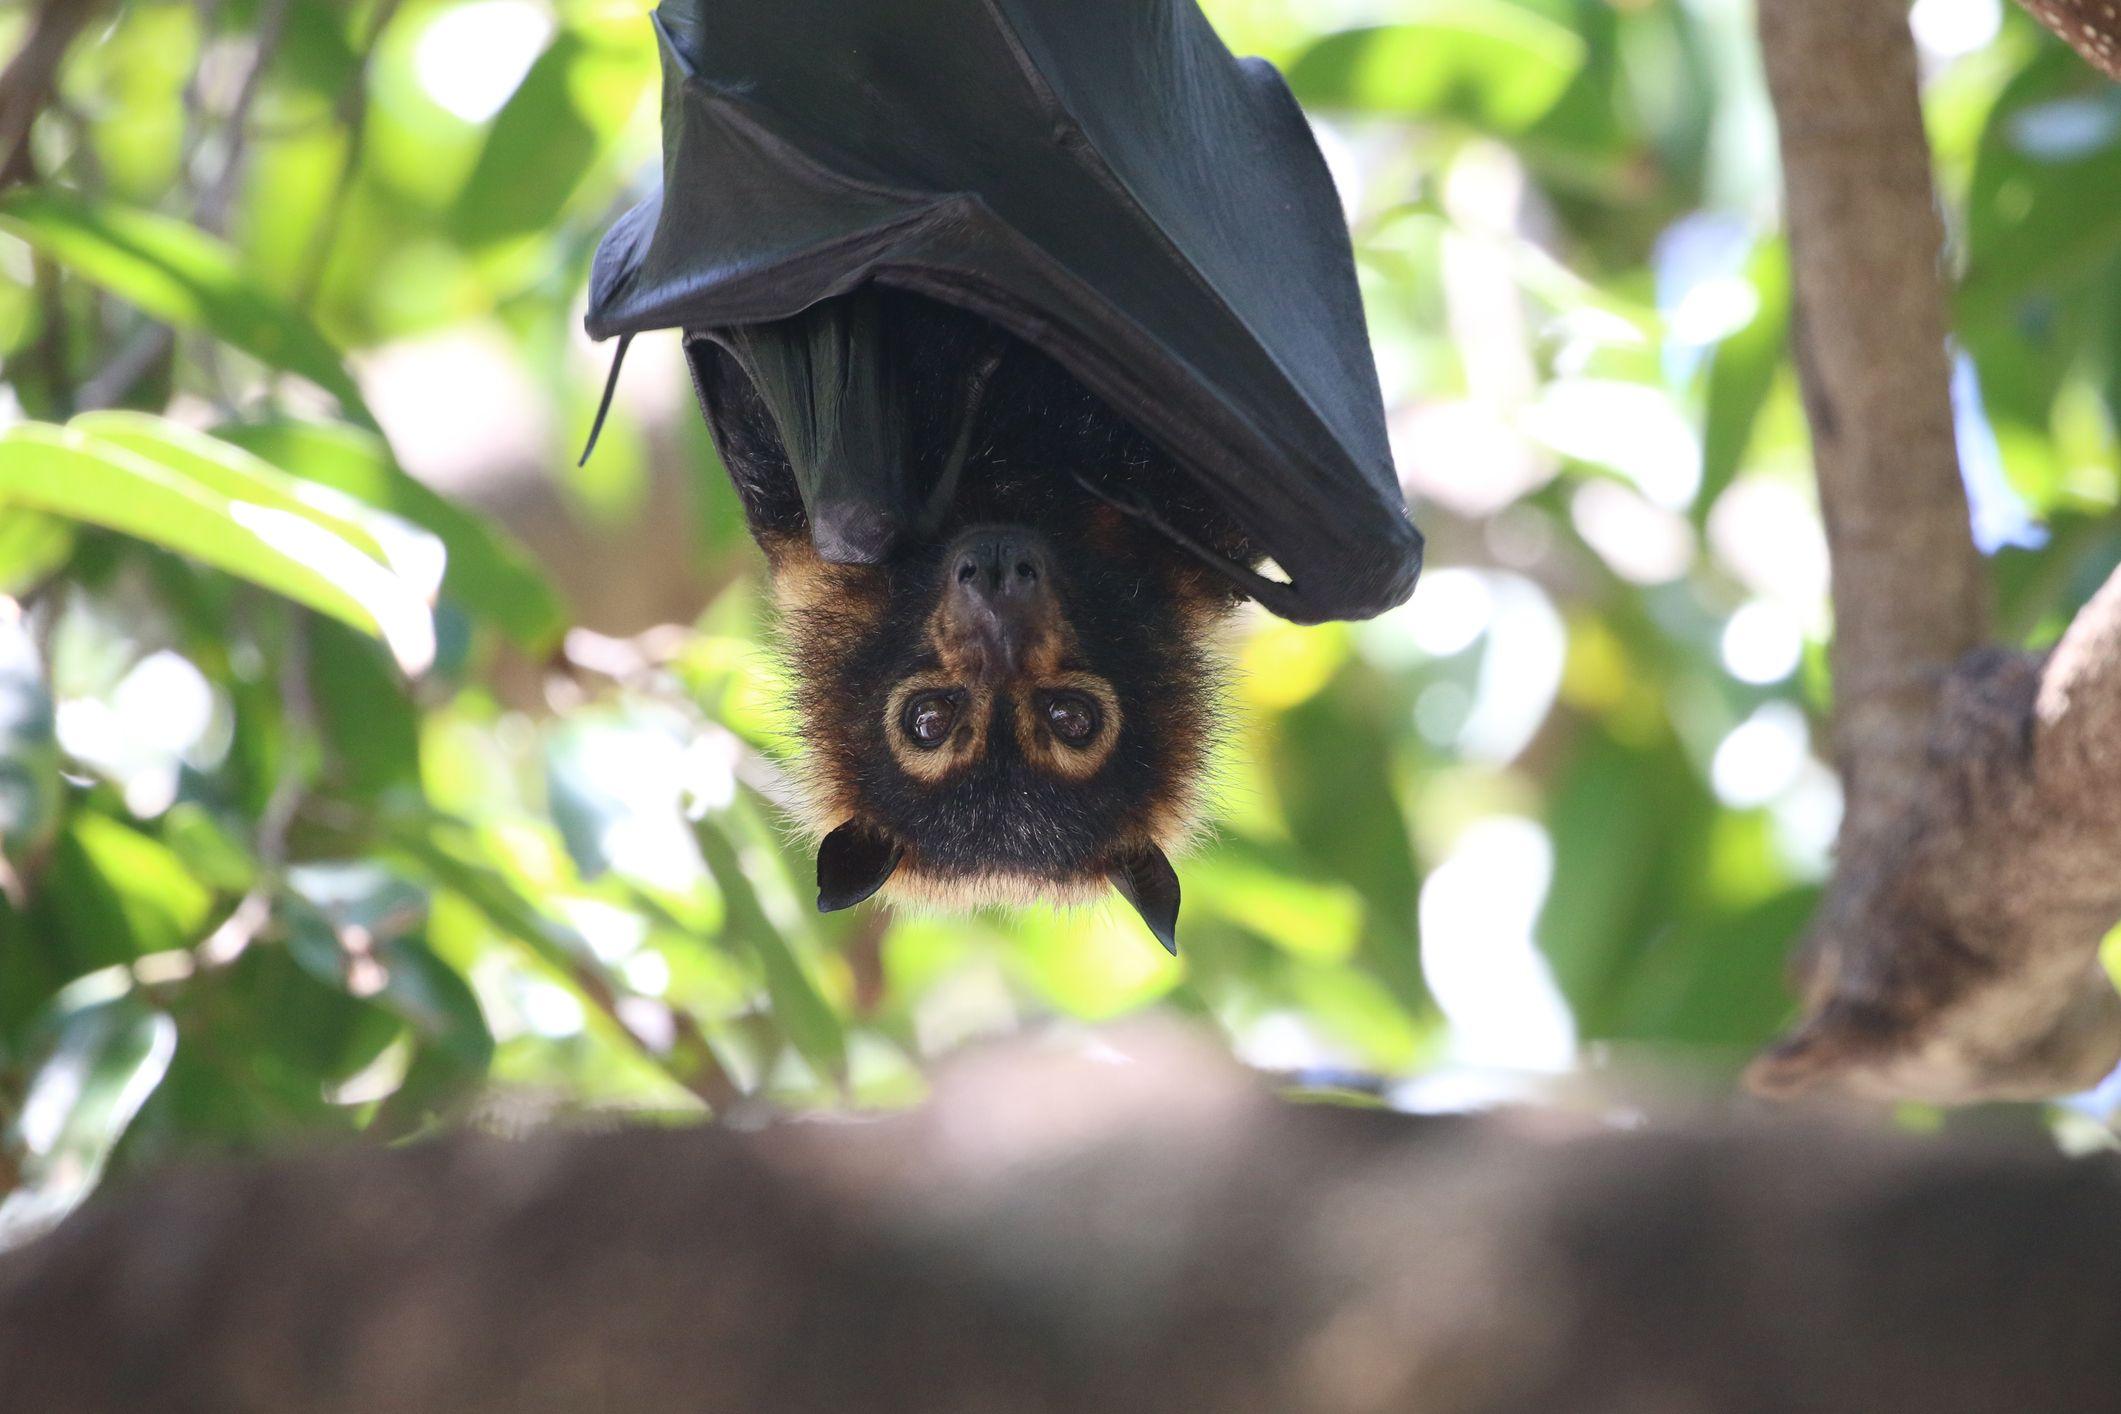 Unlike most bats, fruit bats have excellent vision.